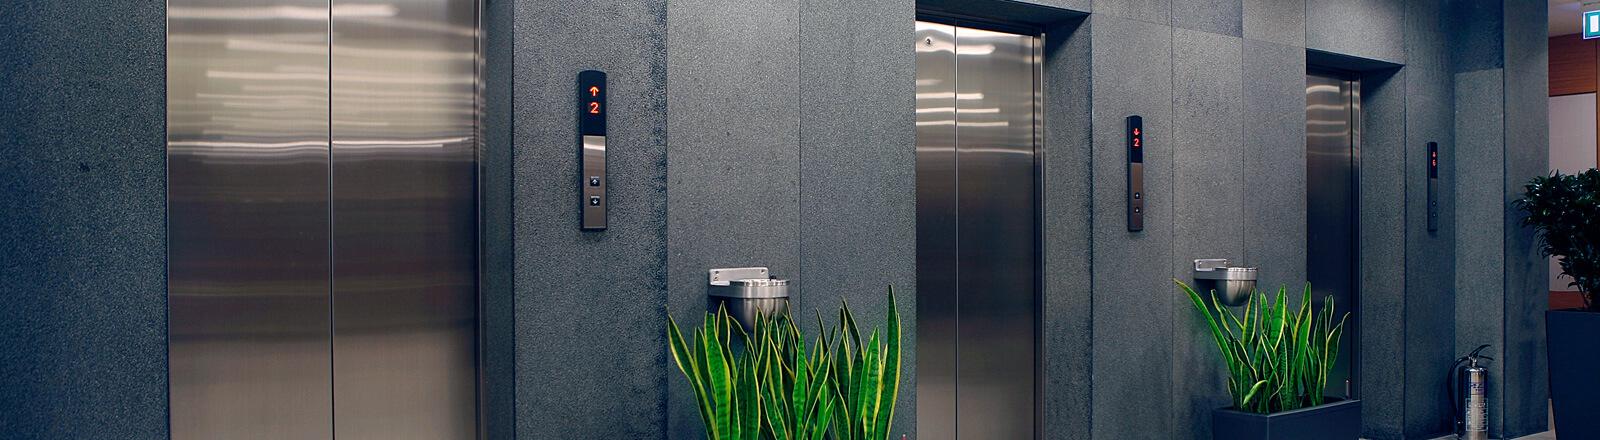 Toutes les prestations d'Up'timal Ascenseurs